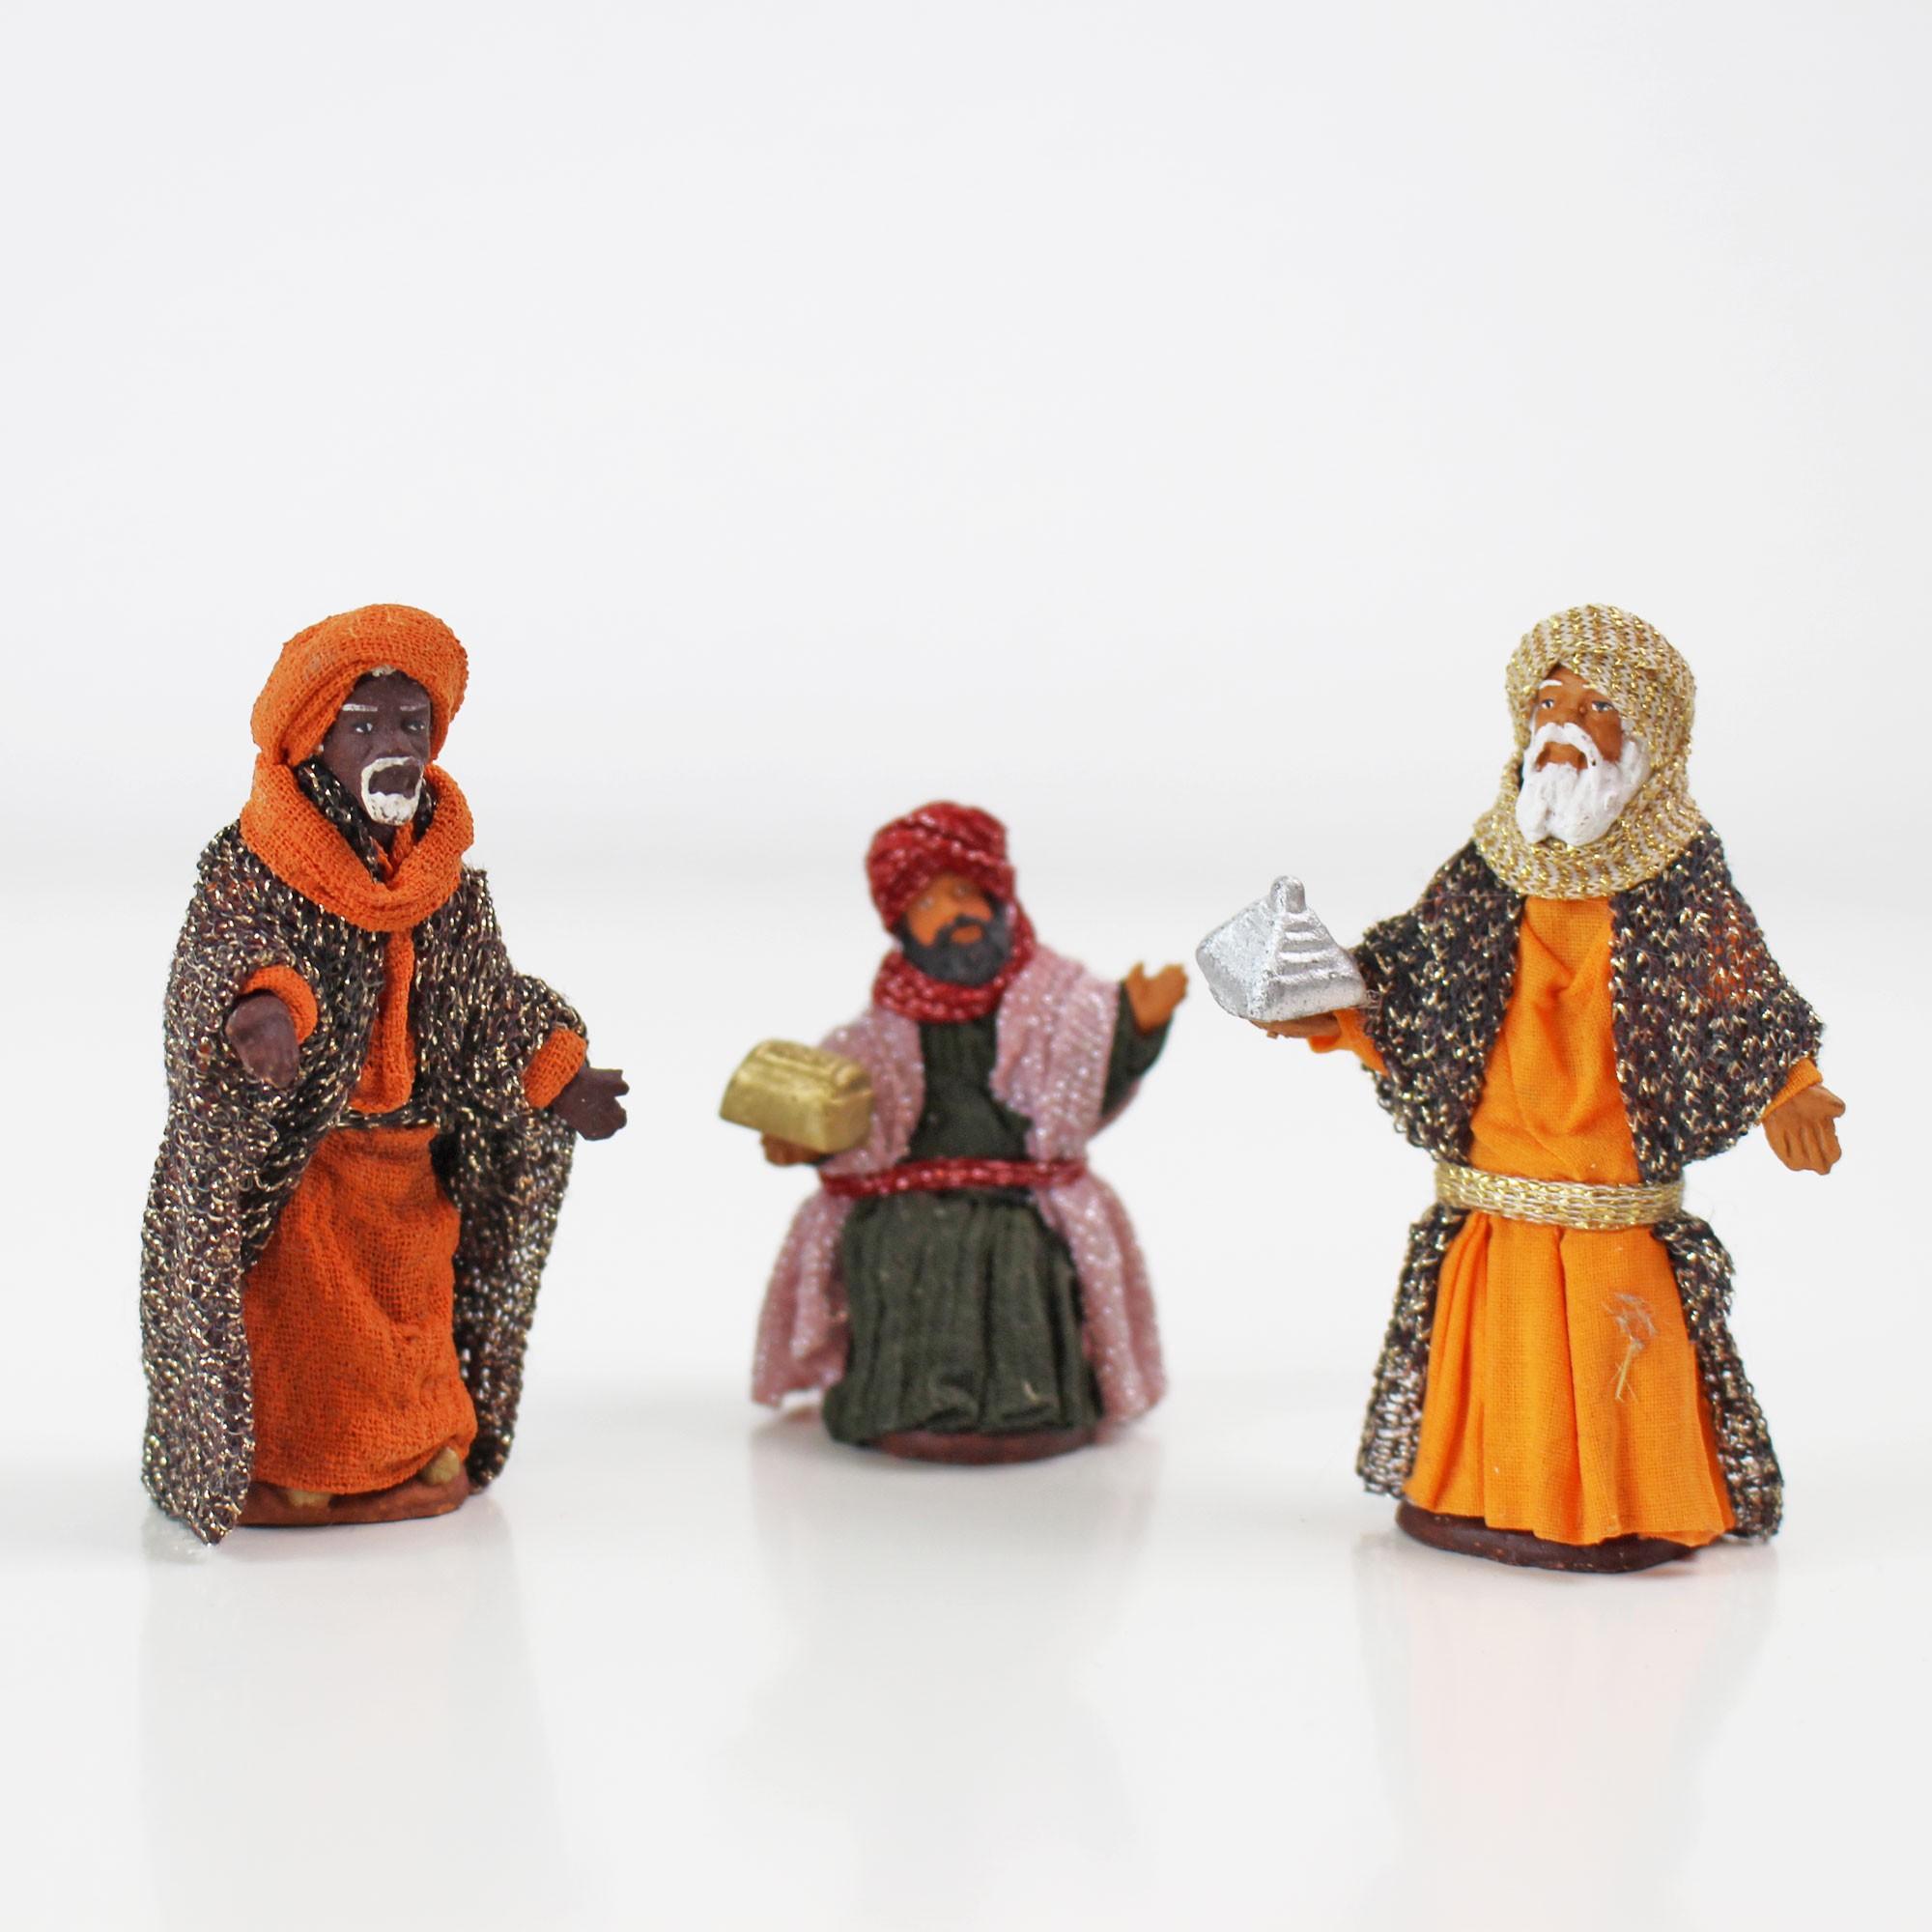 heilige drei könige 7 cm kaufen  krippenfiguren